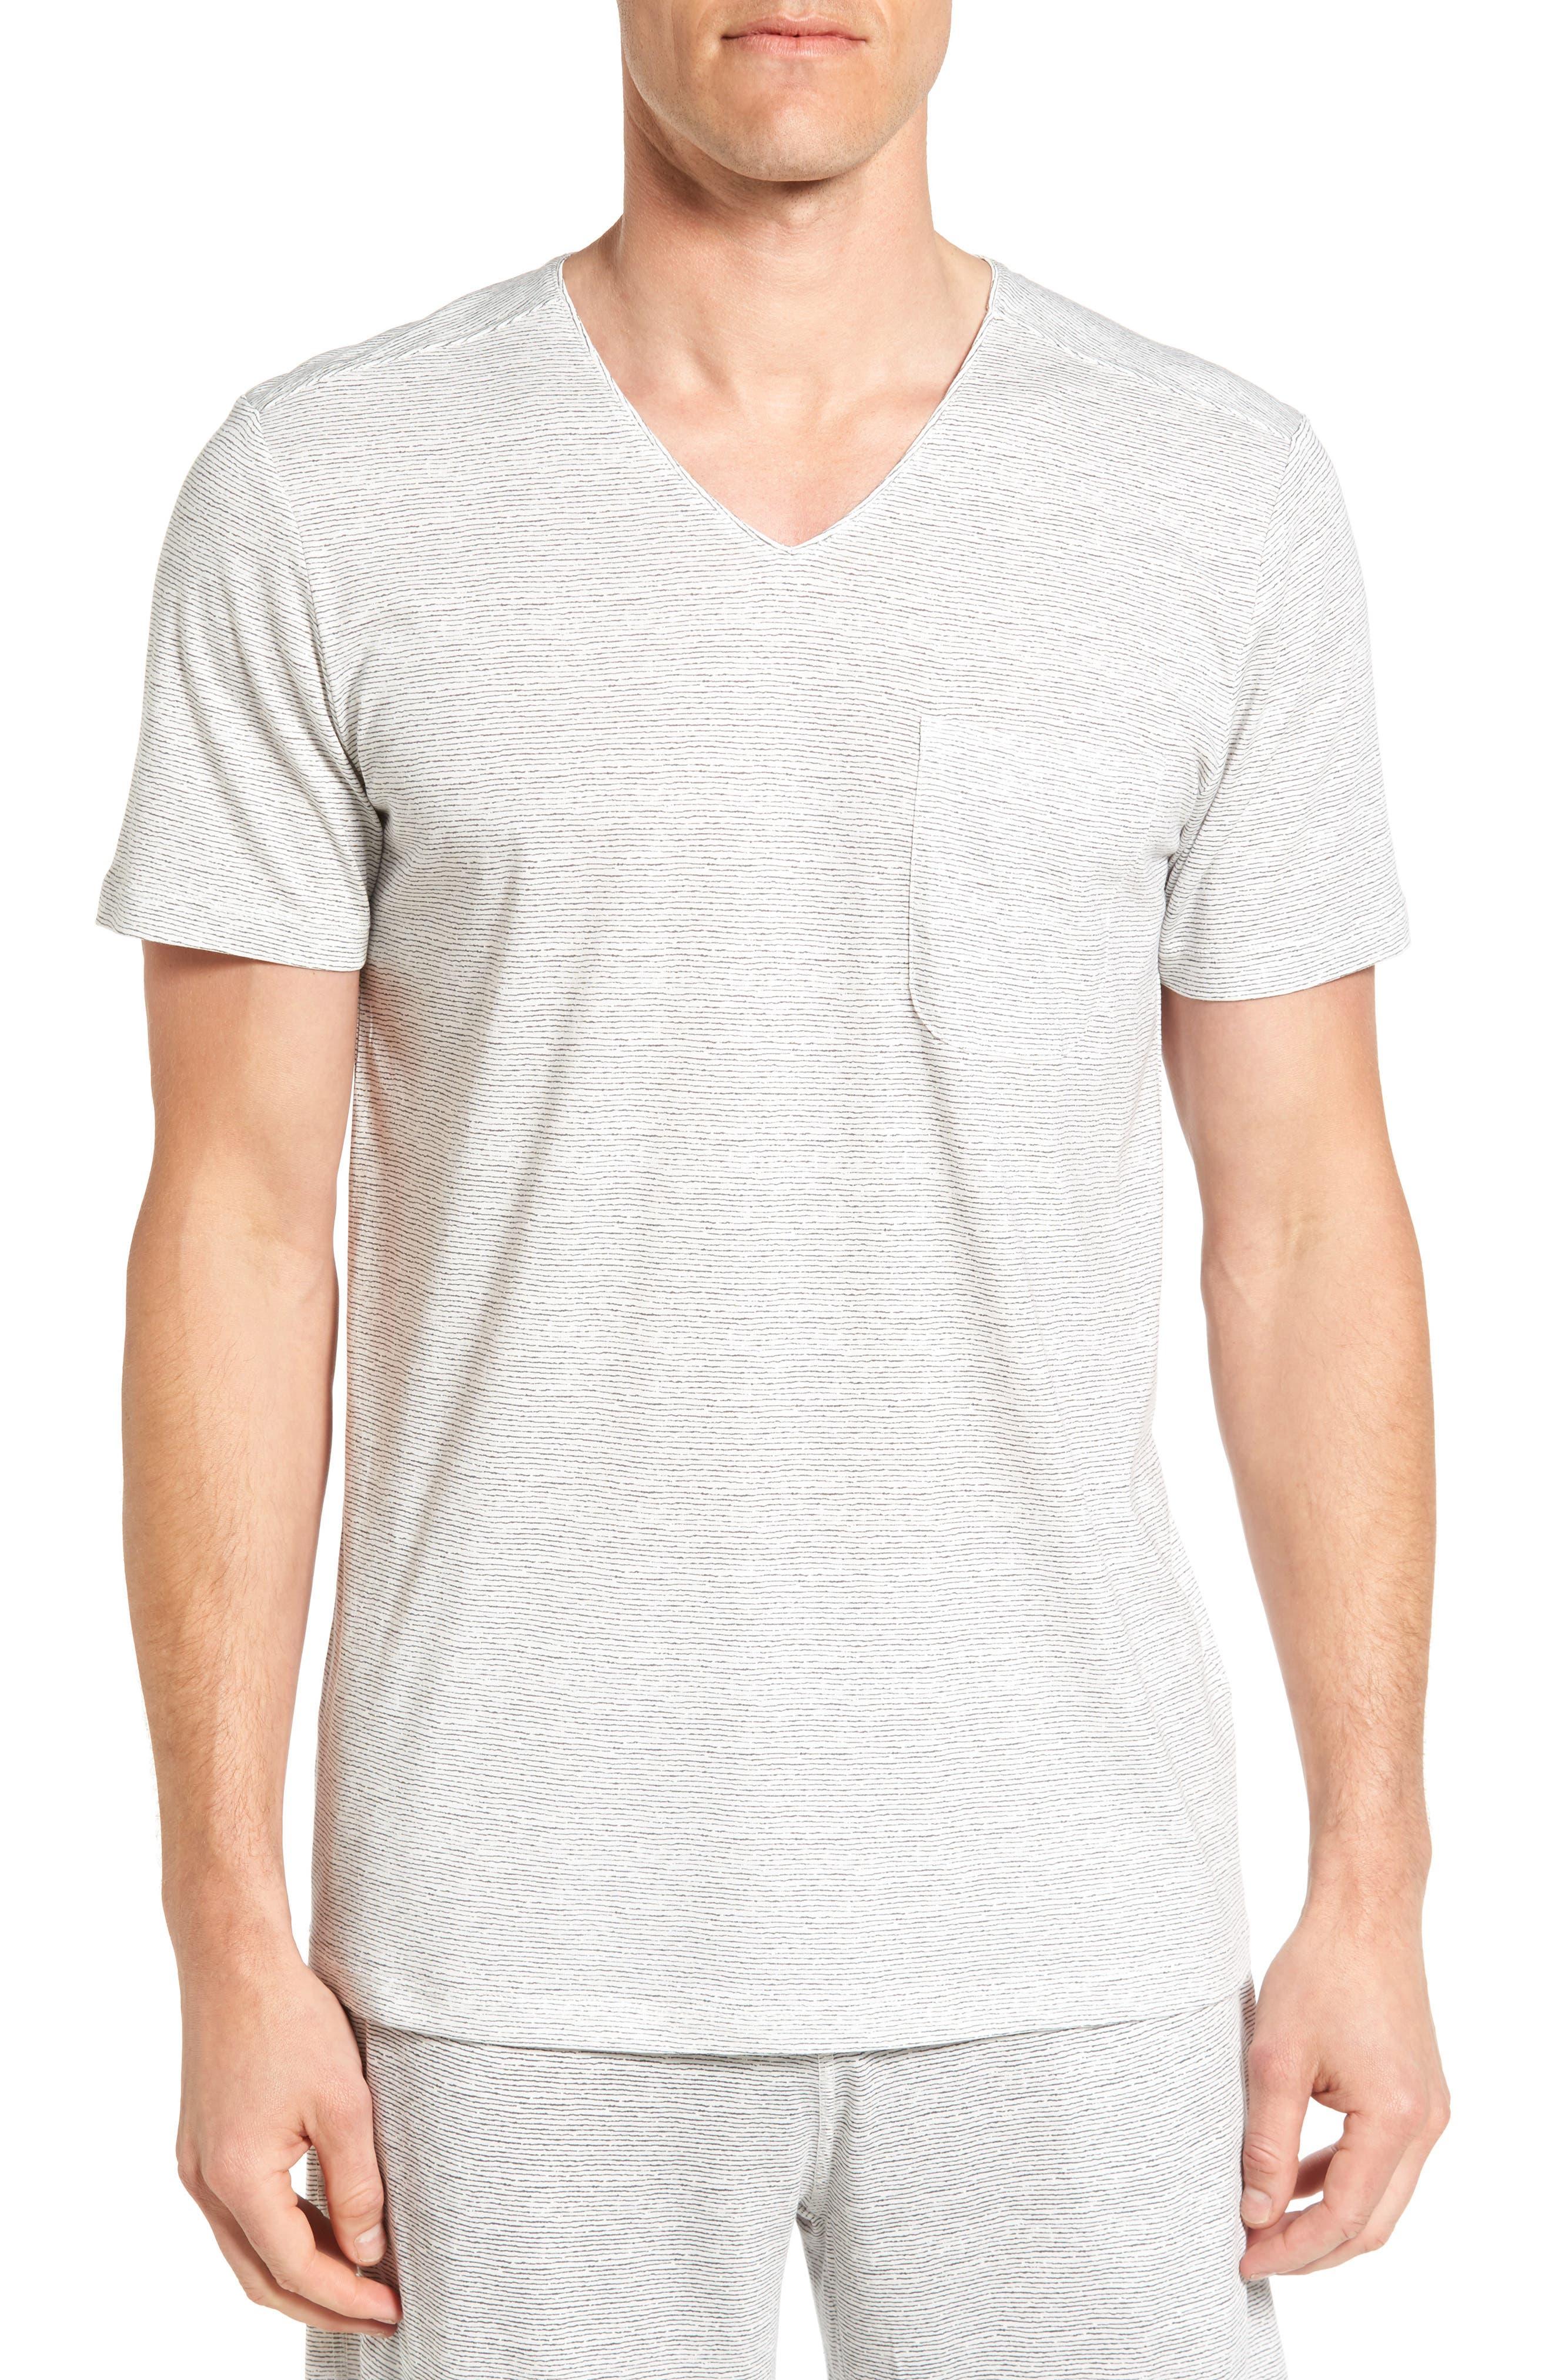 Alternate Image 1 Selected - Daniel Buchler Feeder Stripe Pima Cotton & Modal V-Neck T-Shirt